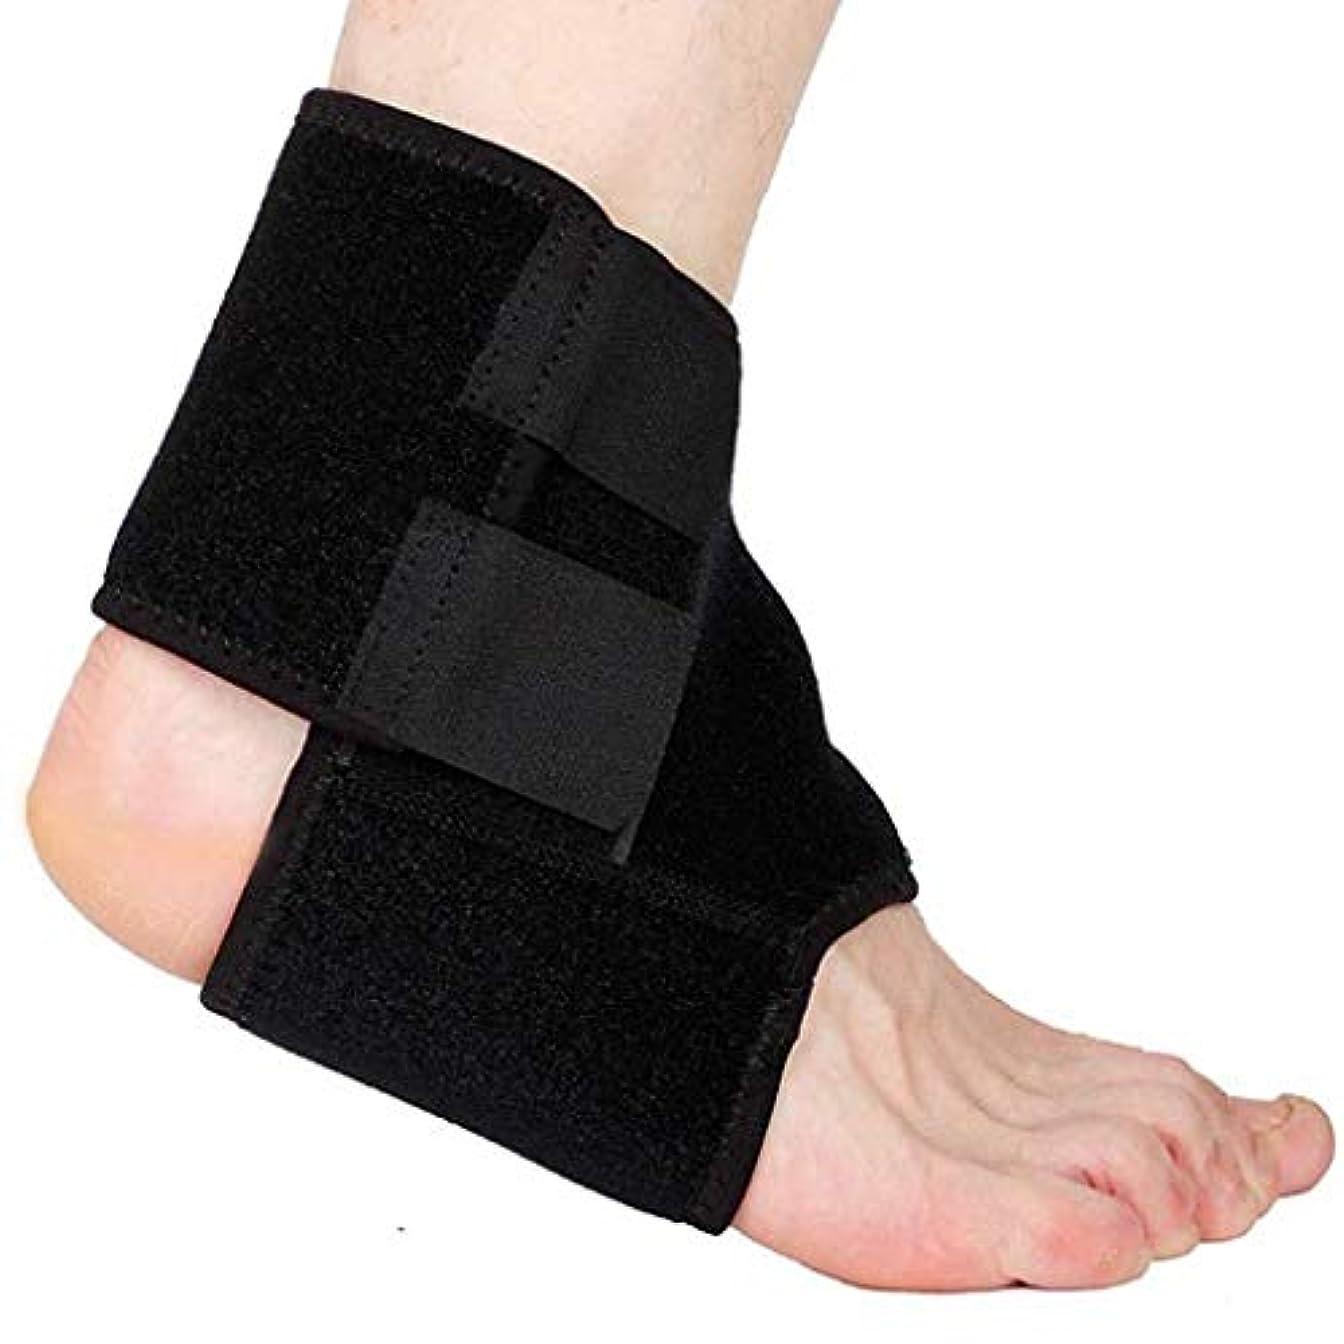 最大の精神下向き足首のサポート、通気性と伸縮性のあるナイロン素材を使用した1組の足首固定具、快適な足首ラップスポーツが慢性的な足首の捻Sp疲労を防ぎます